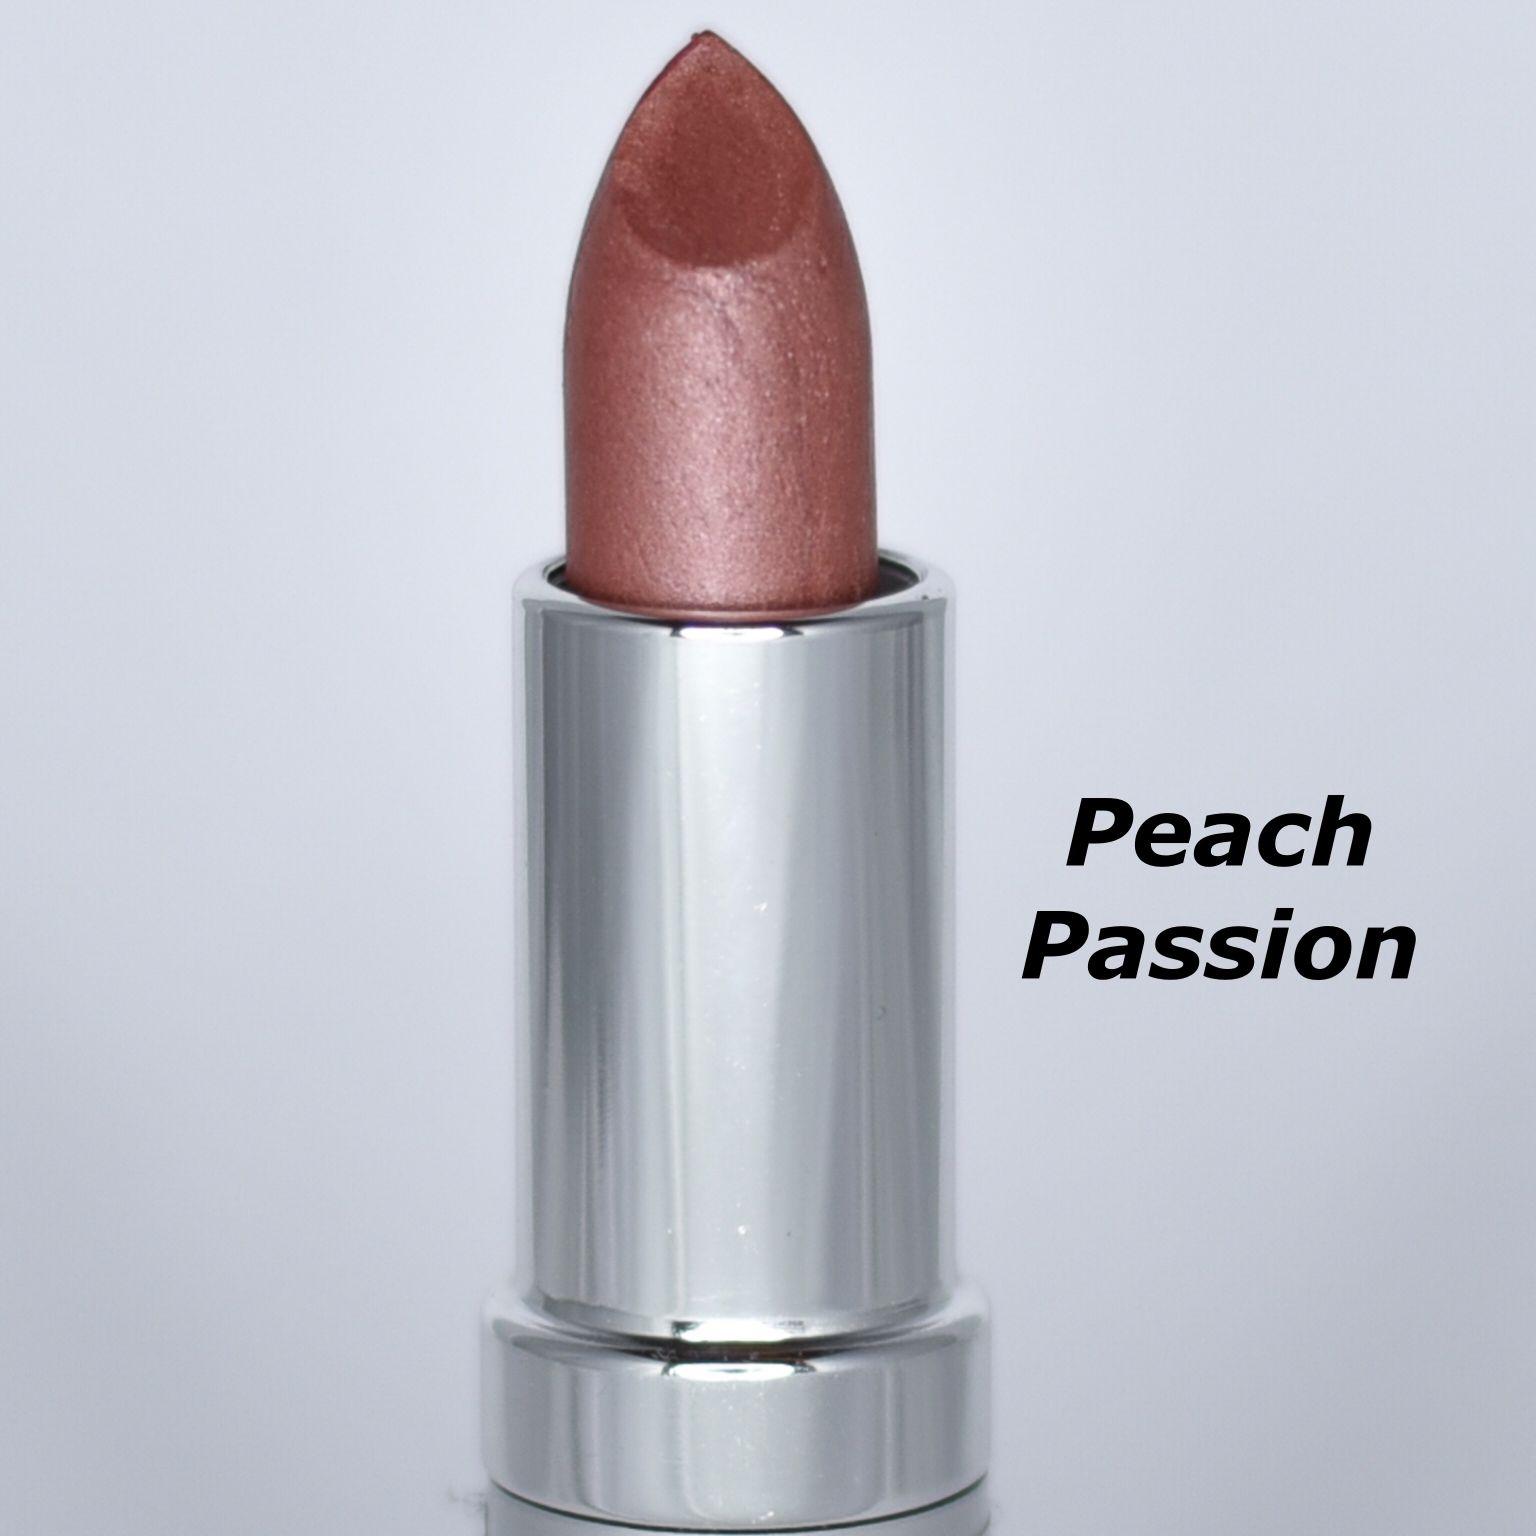 Peach Passion Lipstick